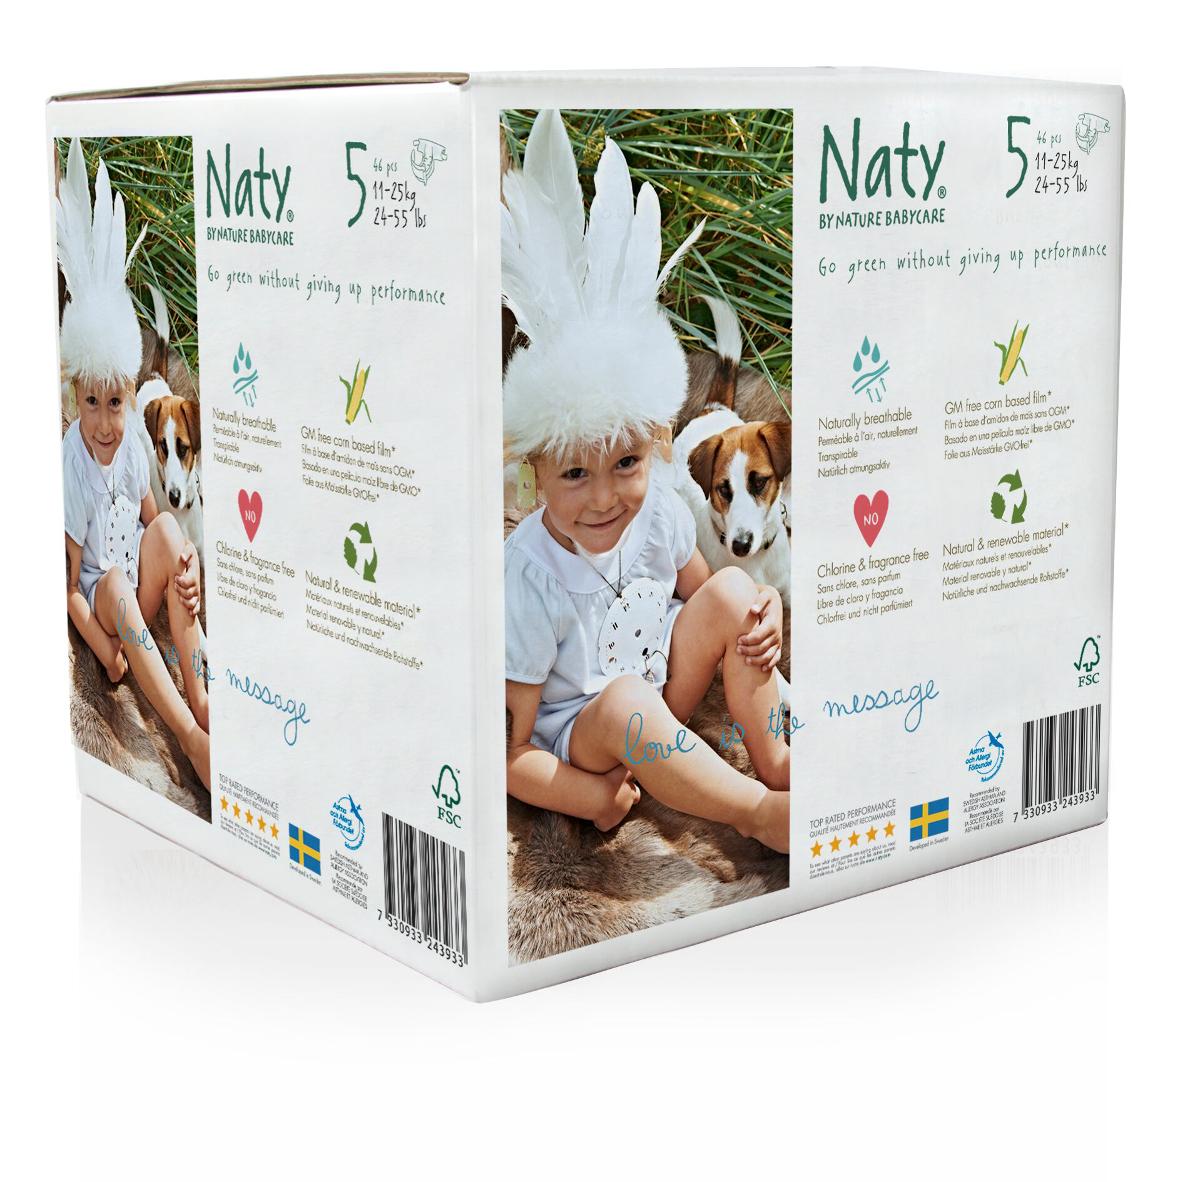 Naty Подгузники 11-25 кг (размер 5) 46 шт - Подгузники и пеленки